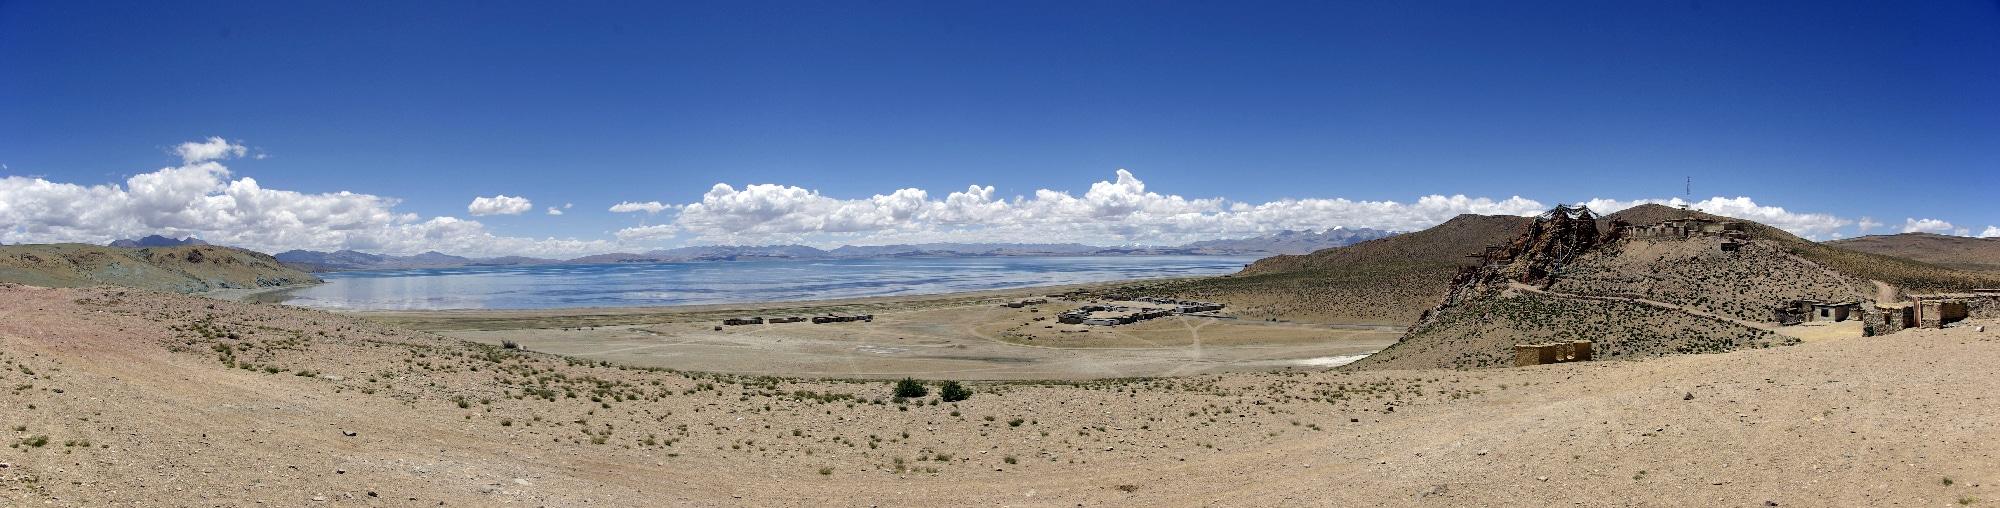 Le lac Manasarovar et le monastère de Chiu gompa.